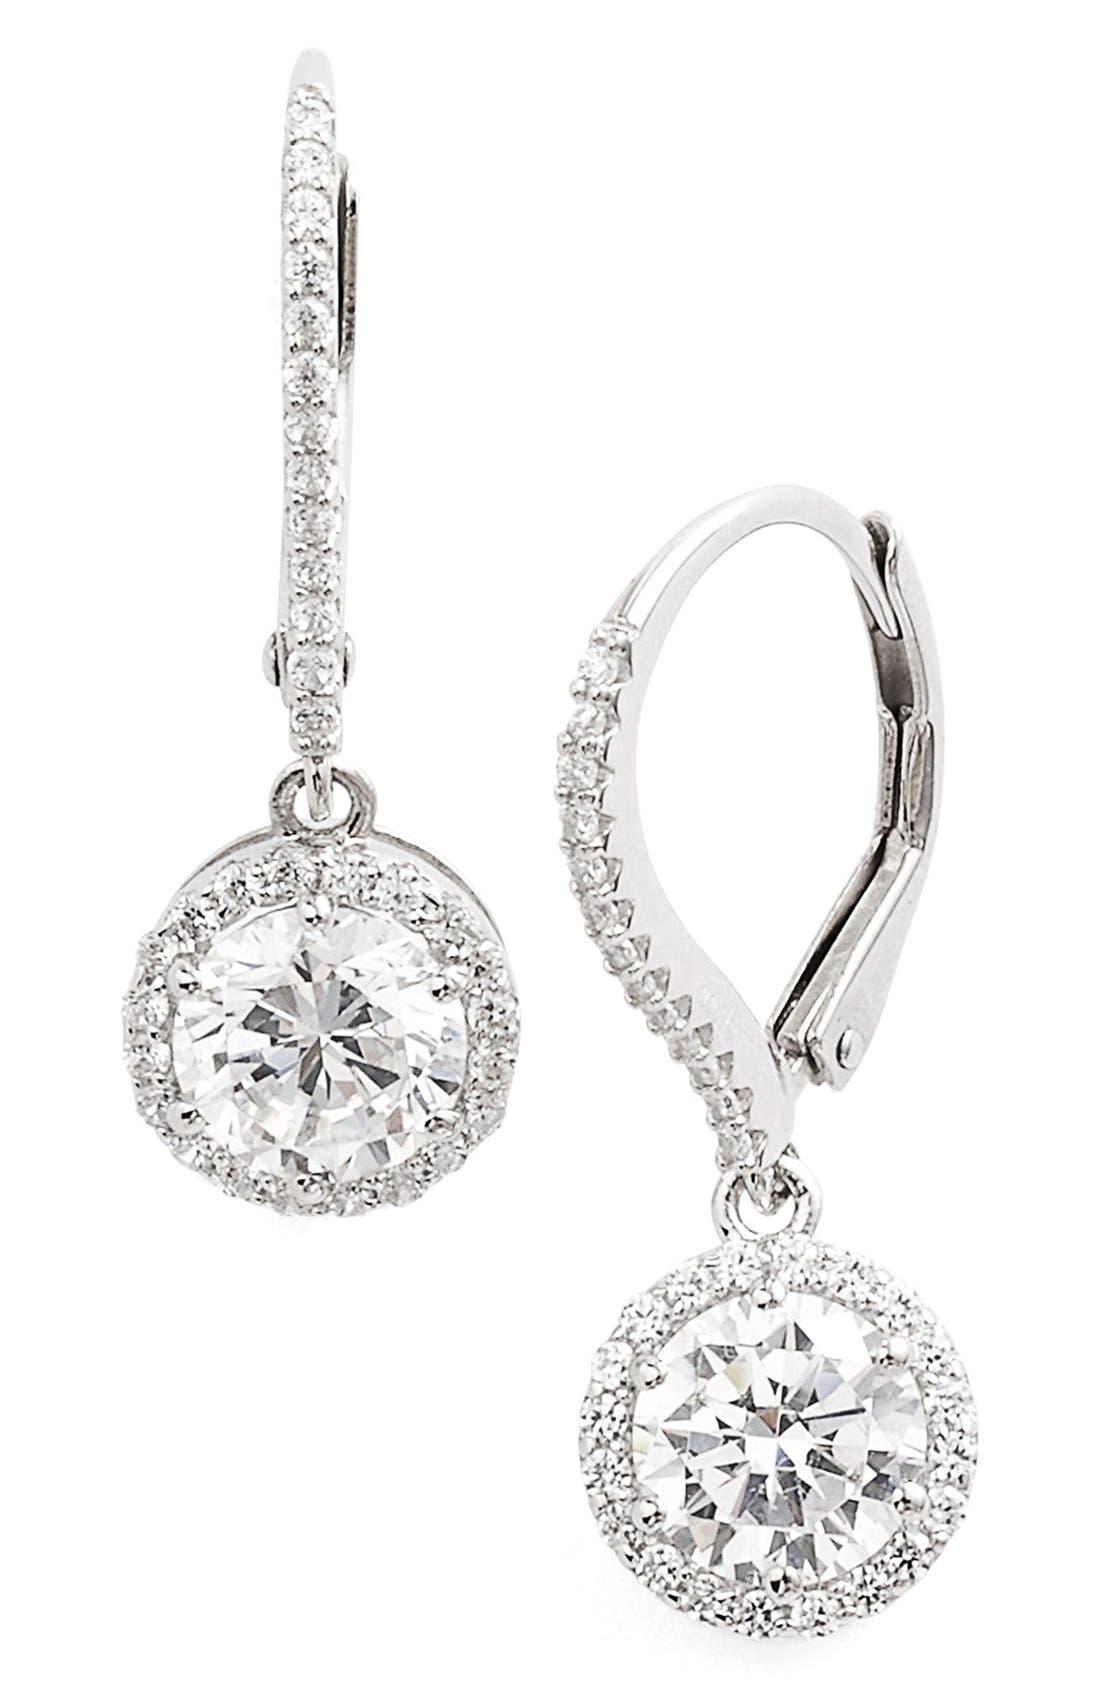 Main Image - Lafonn'Lassaire' Drop Earrings